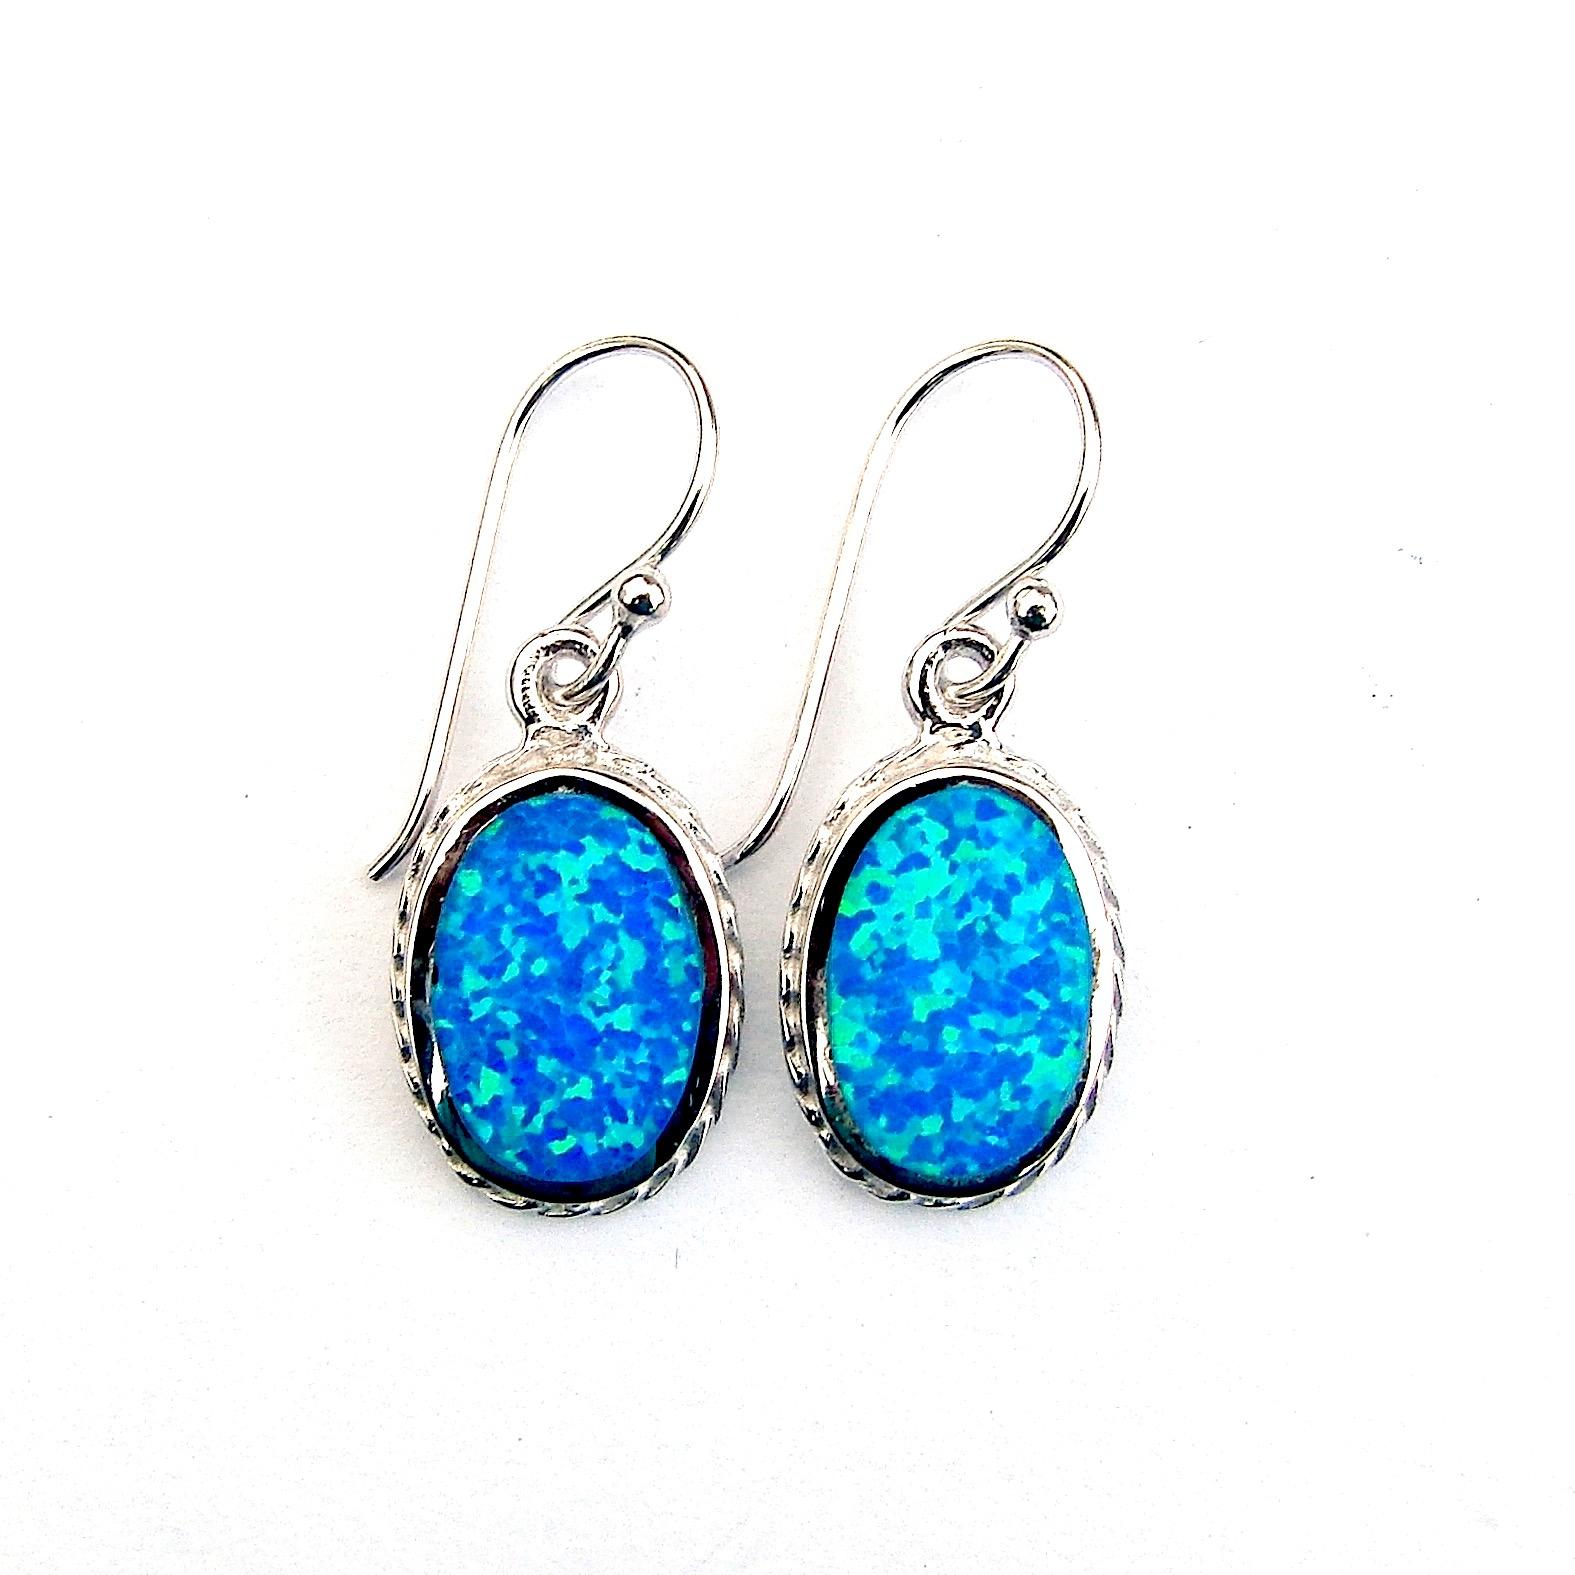 Beautiful Decorative Blue Opal Oval Earrings